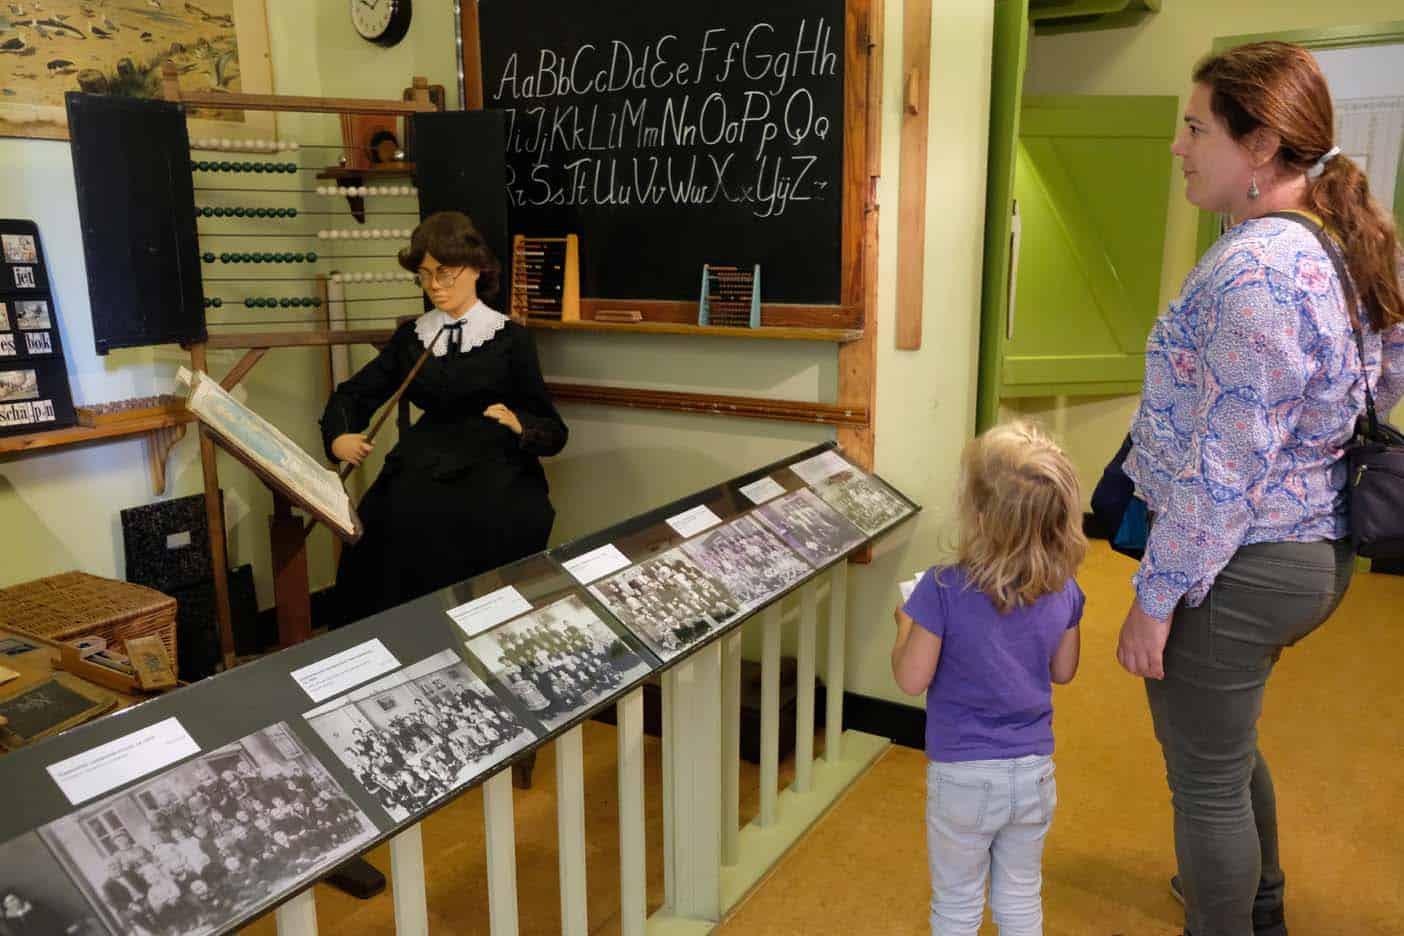 scheveningen met kids museum